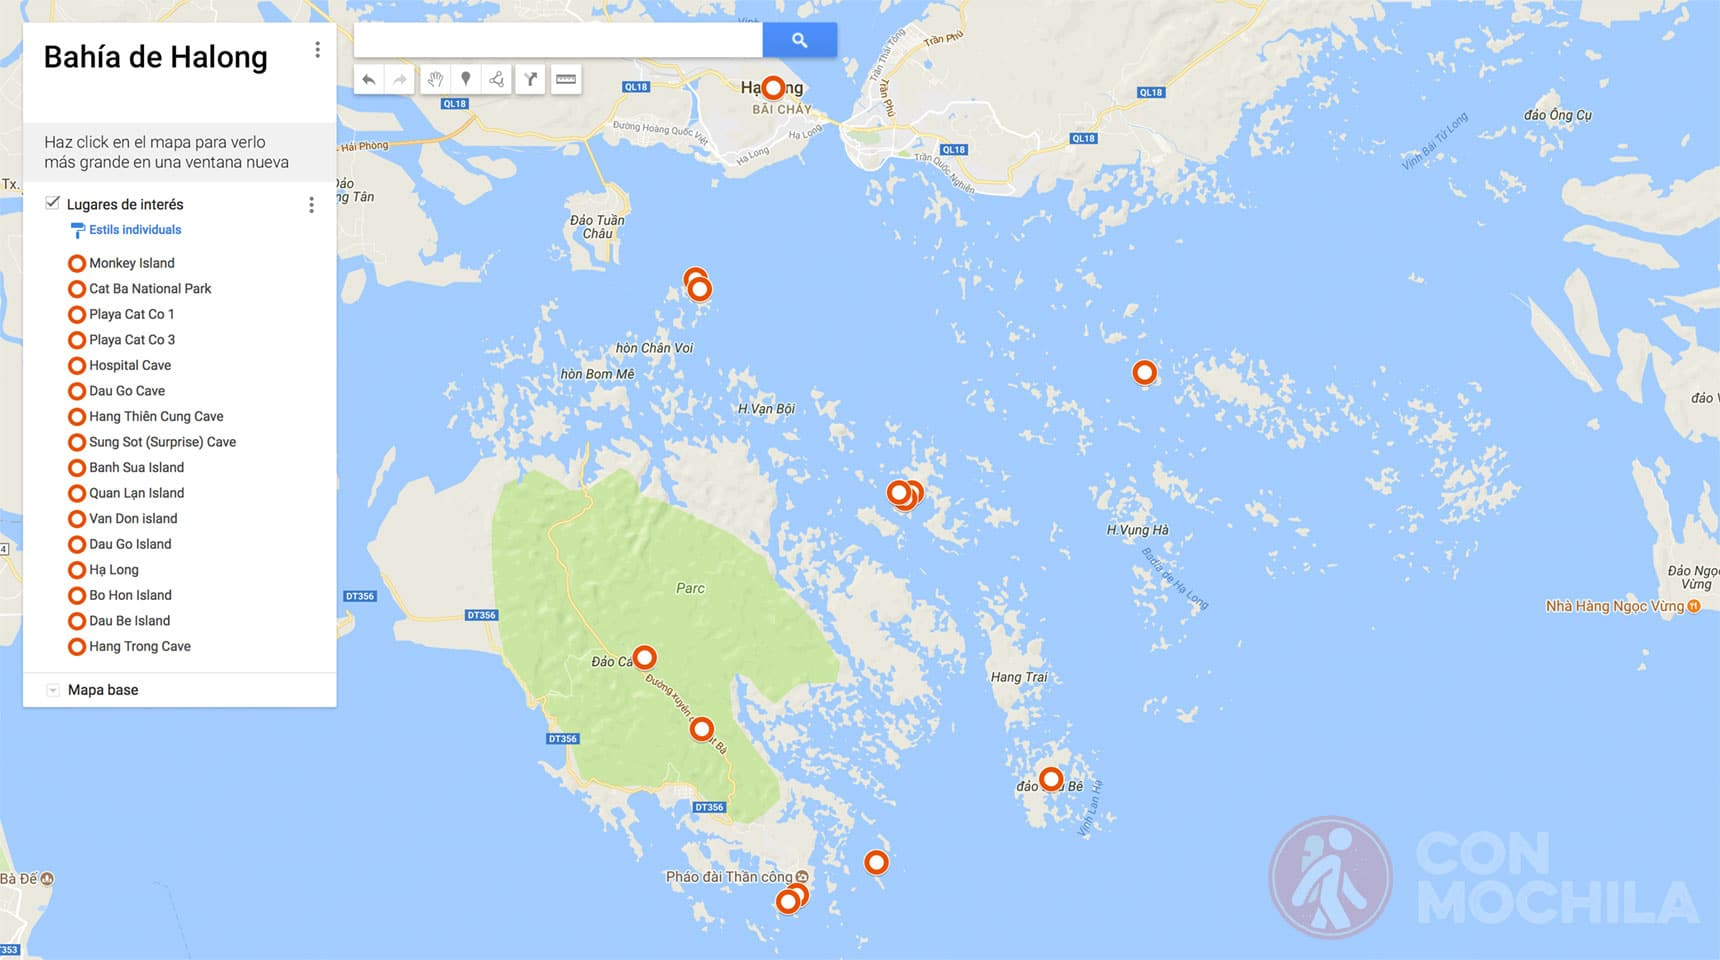 mapa Bahia de Halong